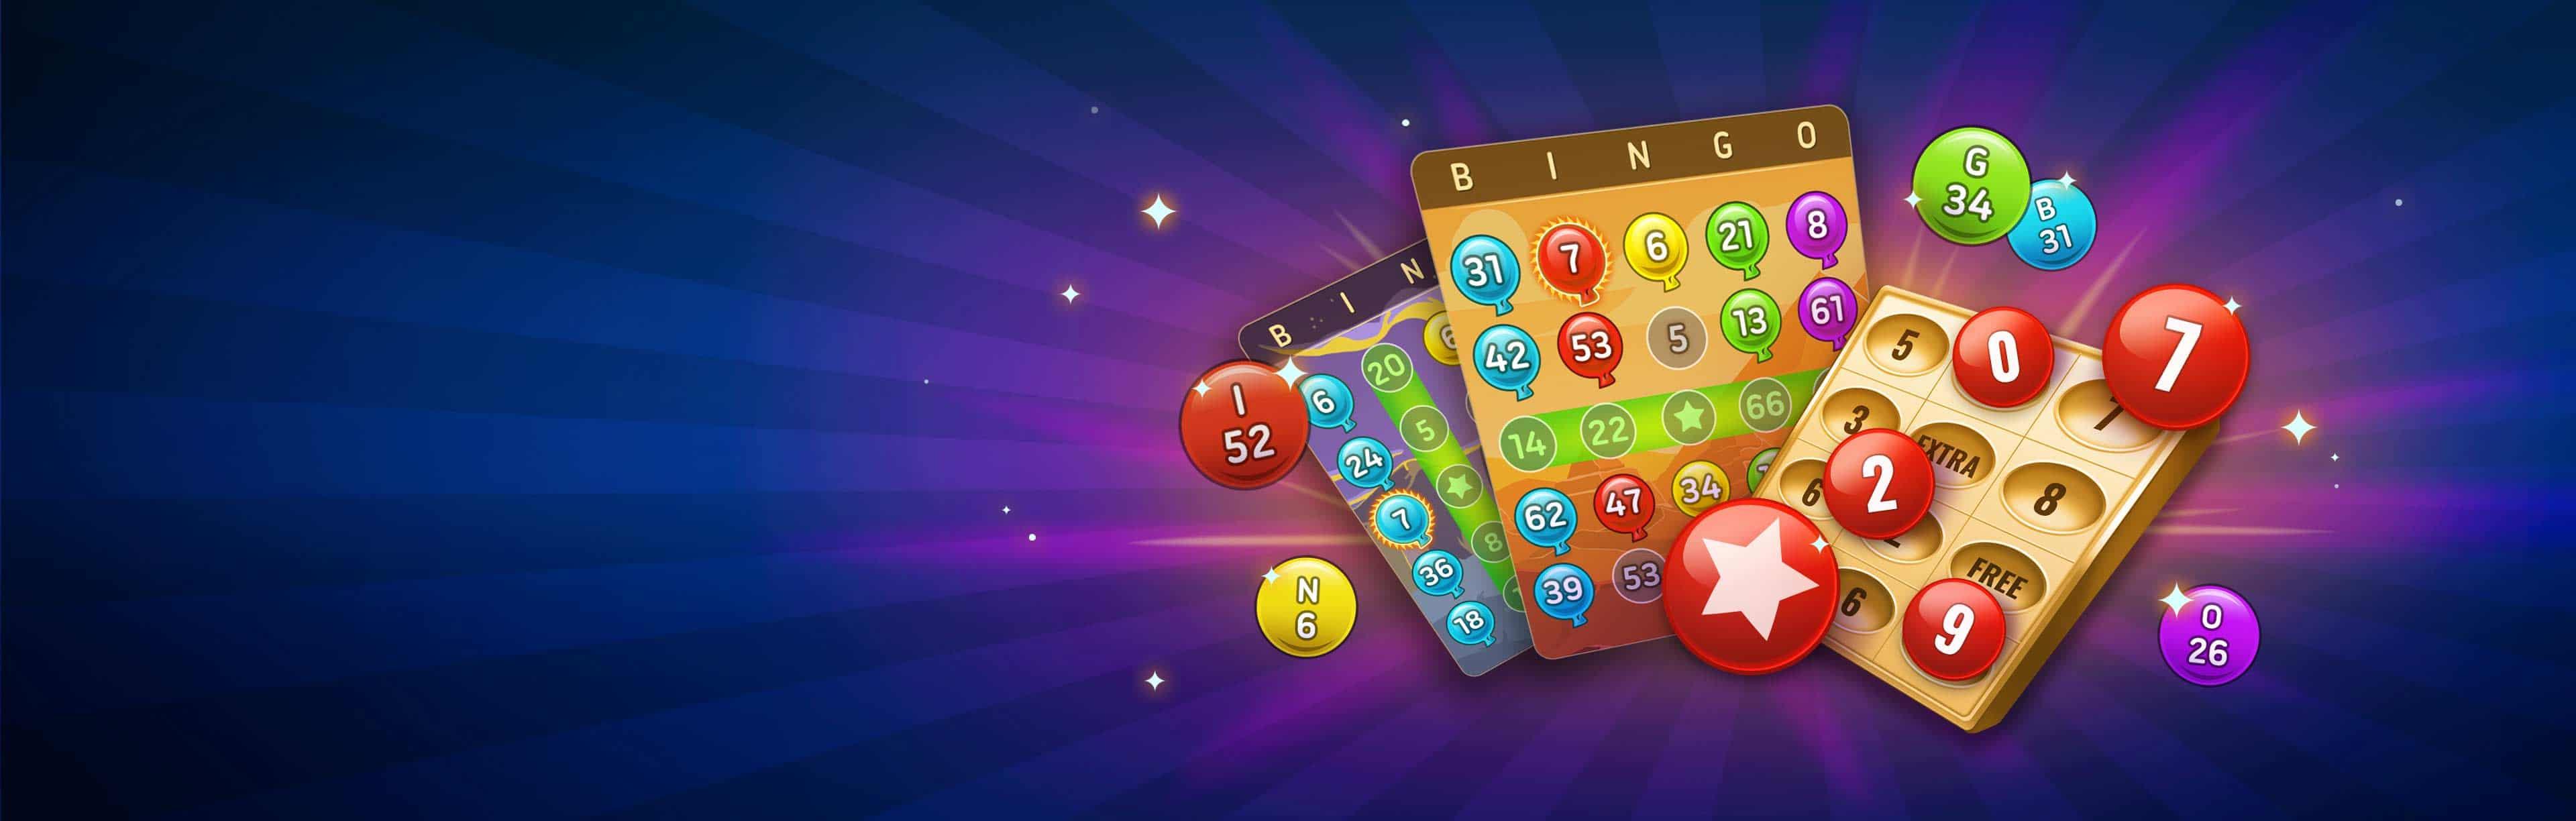 Absolute Bingo- Free Bingo Games Offline or Online - Bingo Shout - Bingo Caller Free